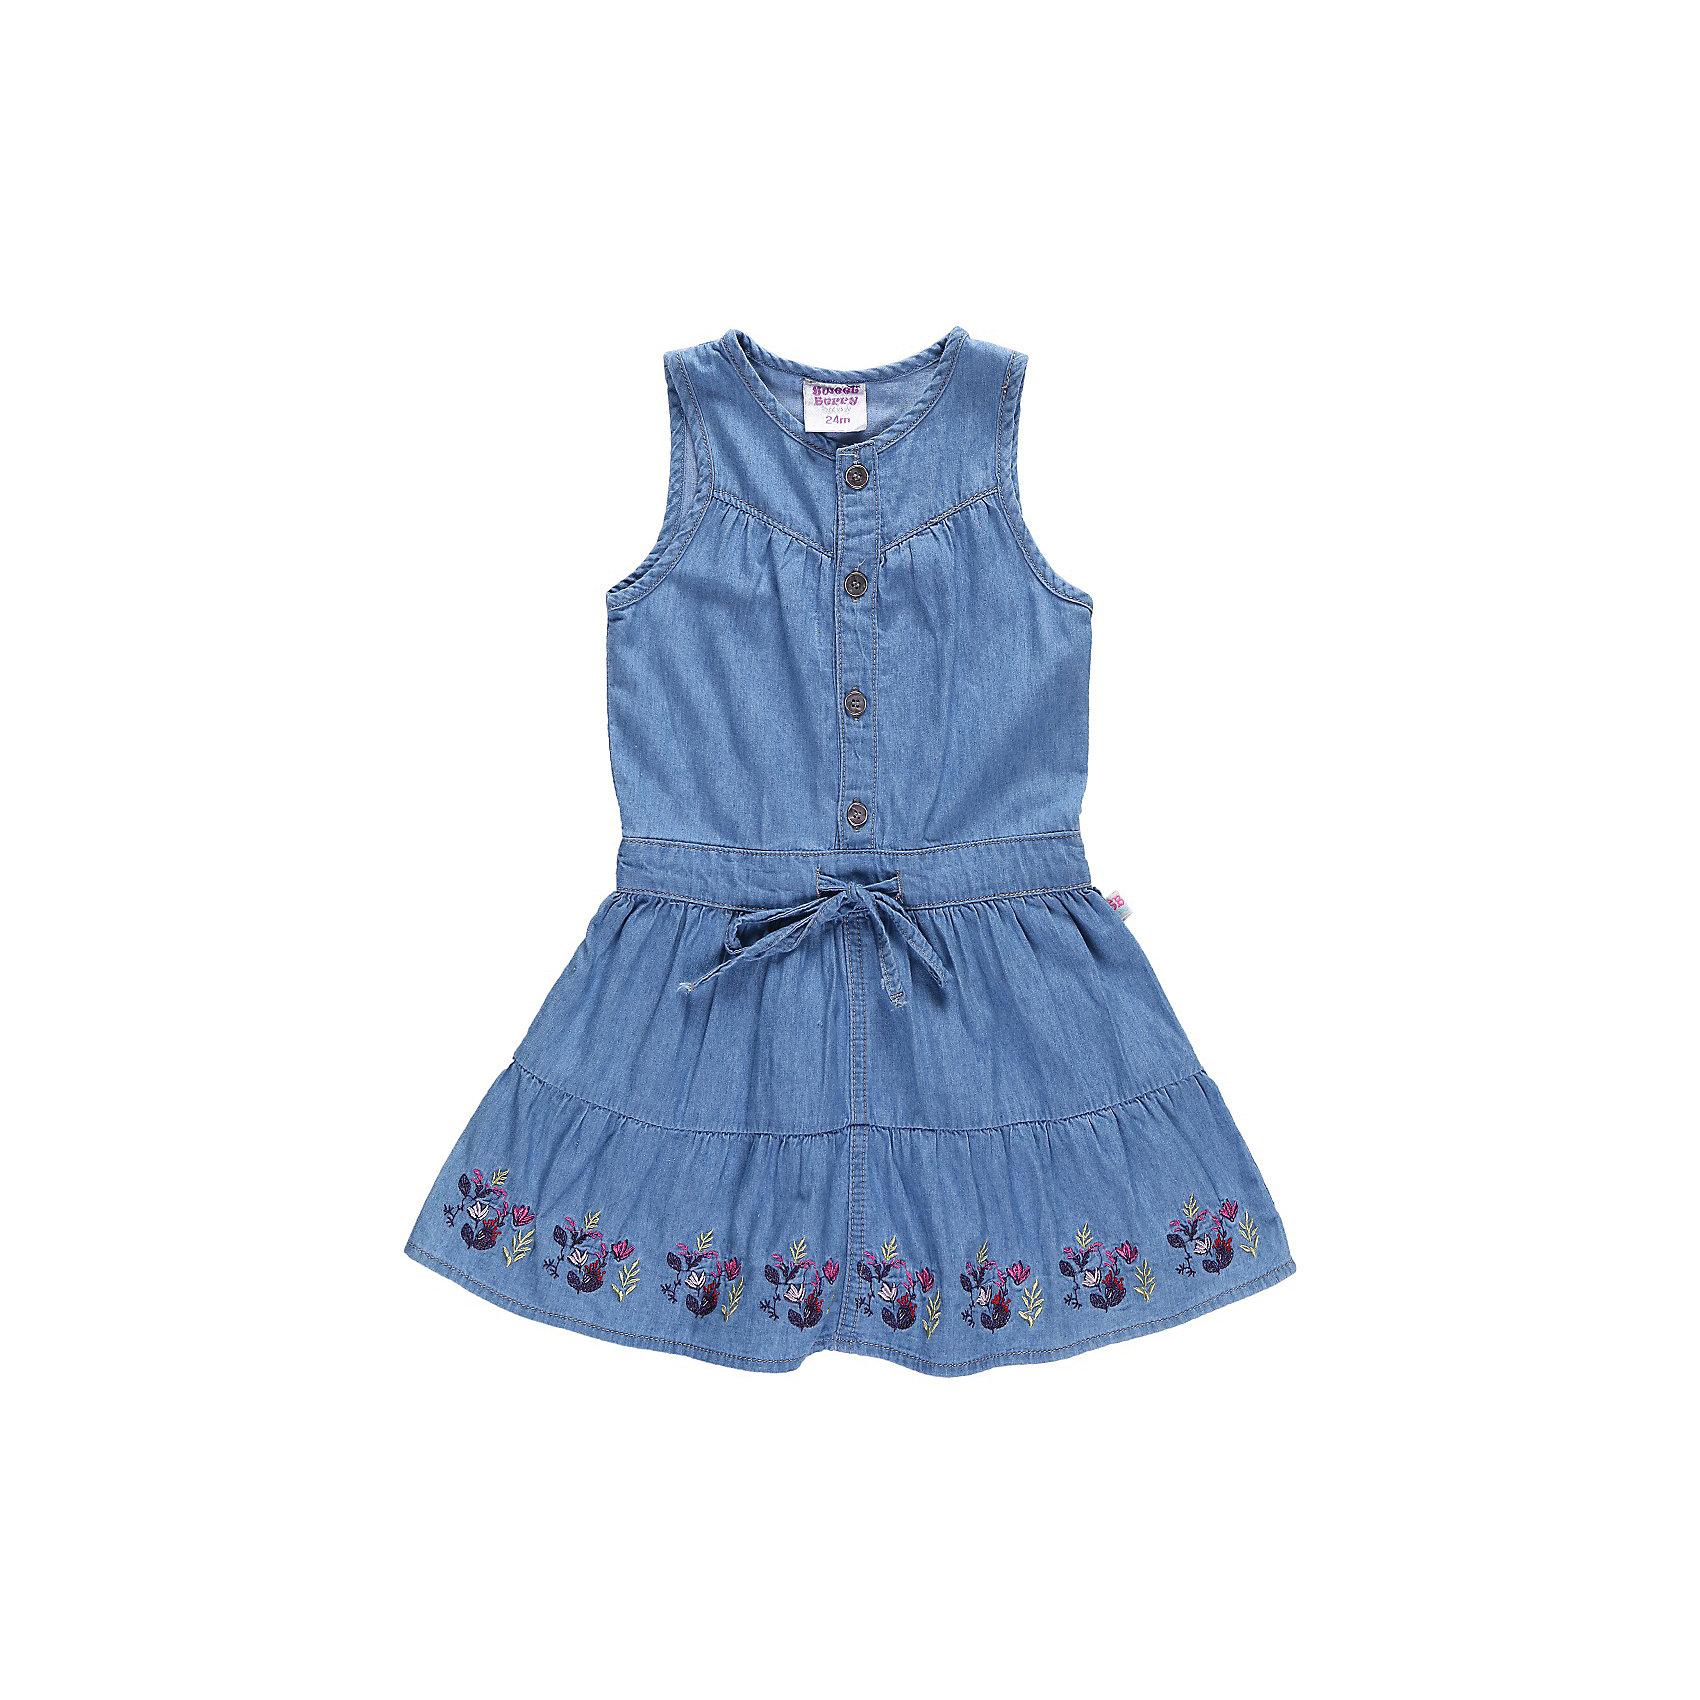 Платье джинсовое для девочки Sweet BerryДжинсовая одежда<br>Платье из тонкой джинсы на кнопках.<br>Состав:<br>100% хлопок<br><br>Ширина мм: 236<br>Глубина мм: 16<br>Высота мм: 184<br>Вес г: 177<br>Цвет: синий<br>Возраст от месяцев: 9<br>Возраст до месяцев: 12<br>Пол: Женский<br>Возраст: Детский<br>Размер: 80,98,86,92<br>SKU: 4520440